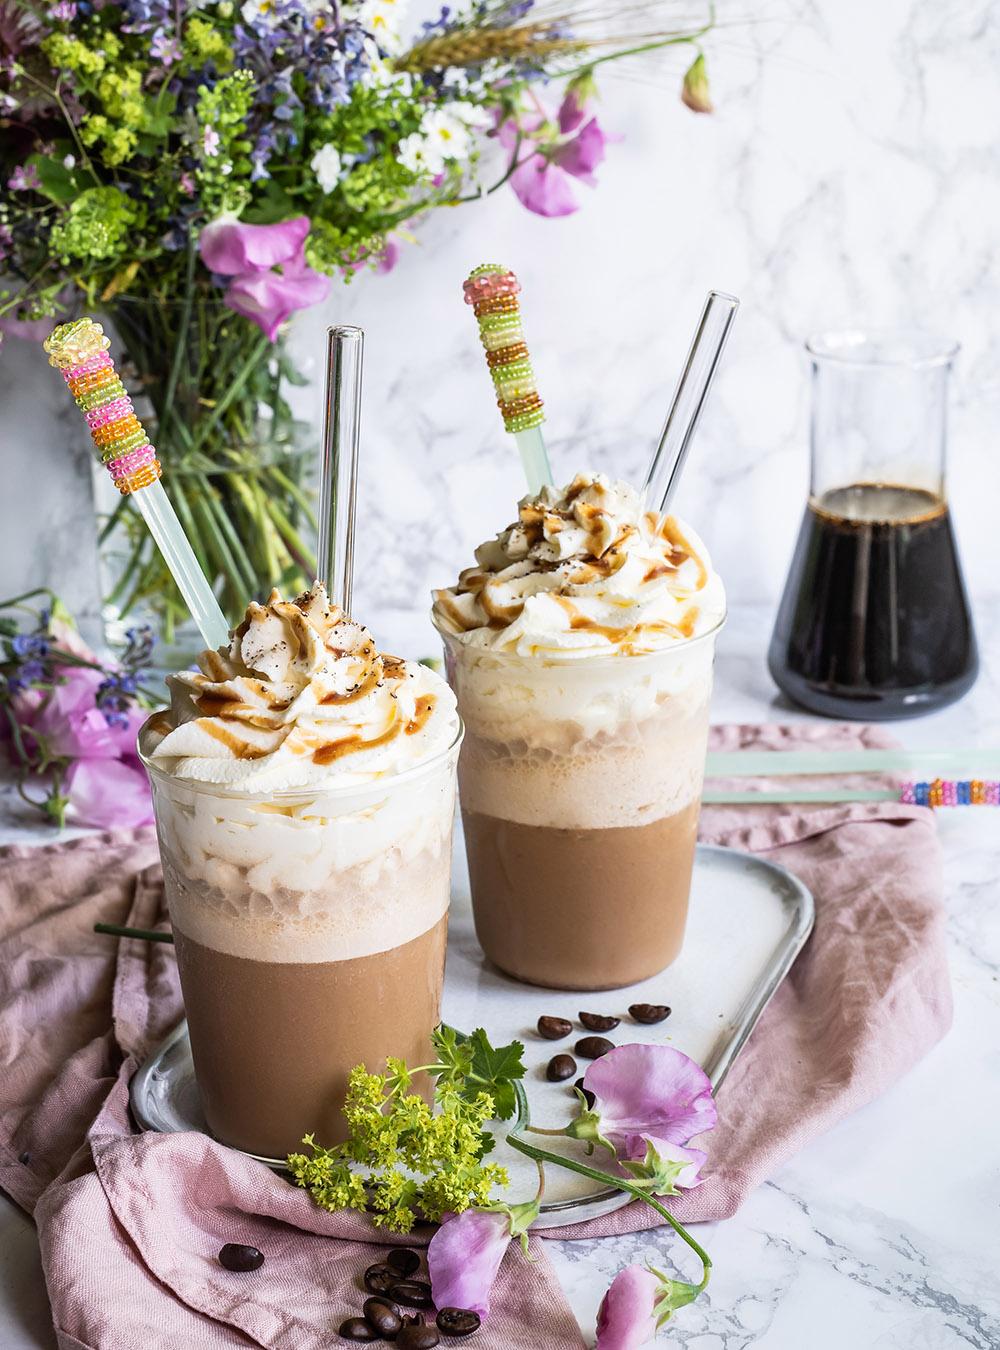 Frappé aus frisch gebrühtem Espresso mit Kaffeesirup